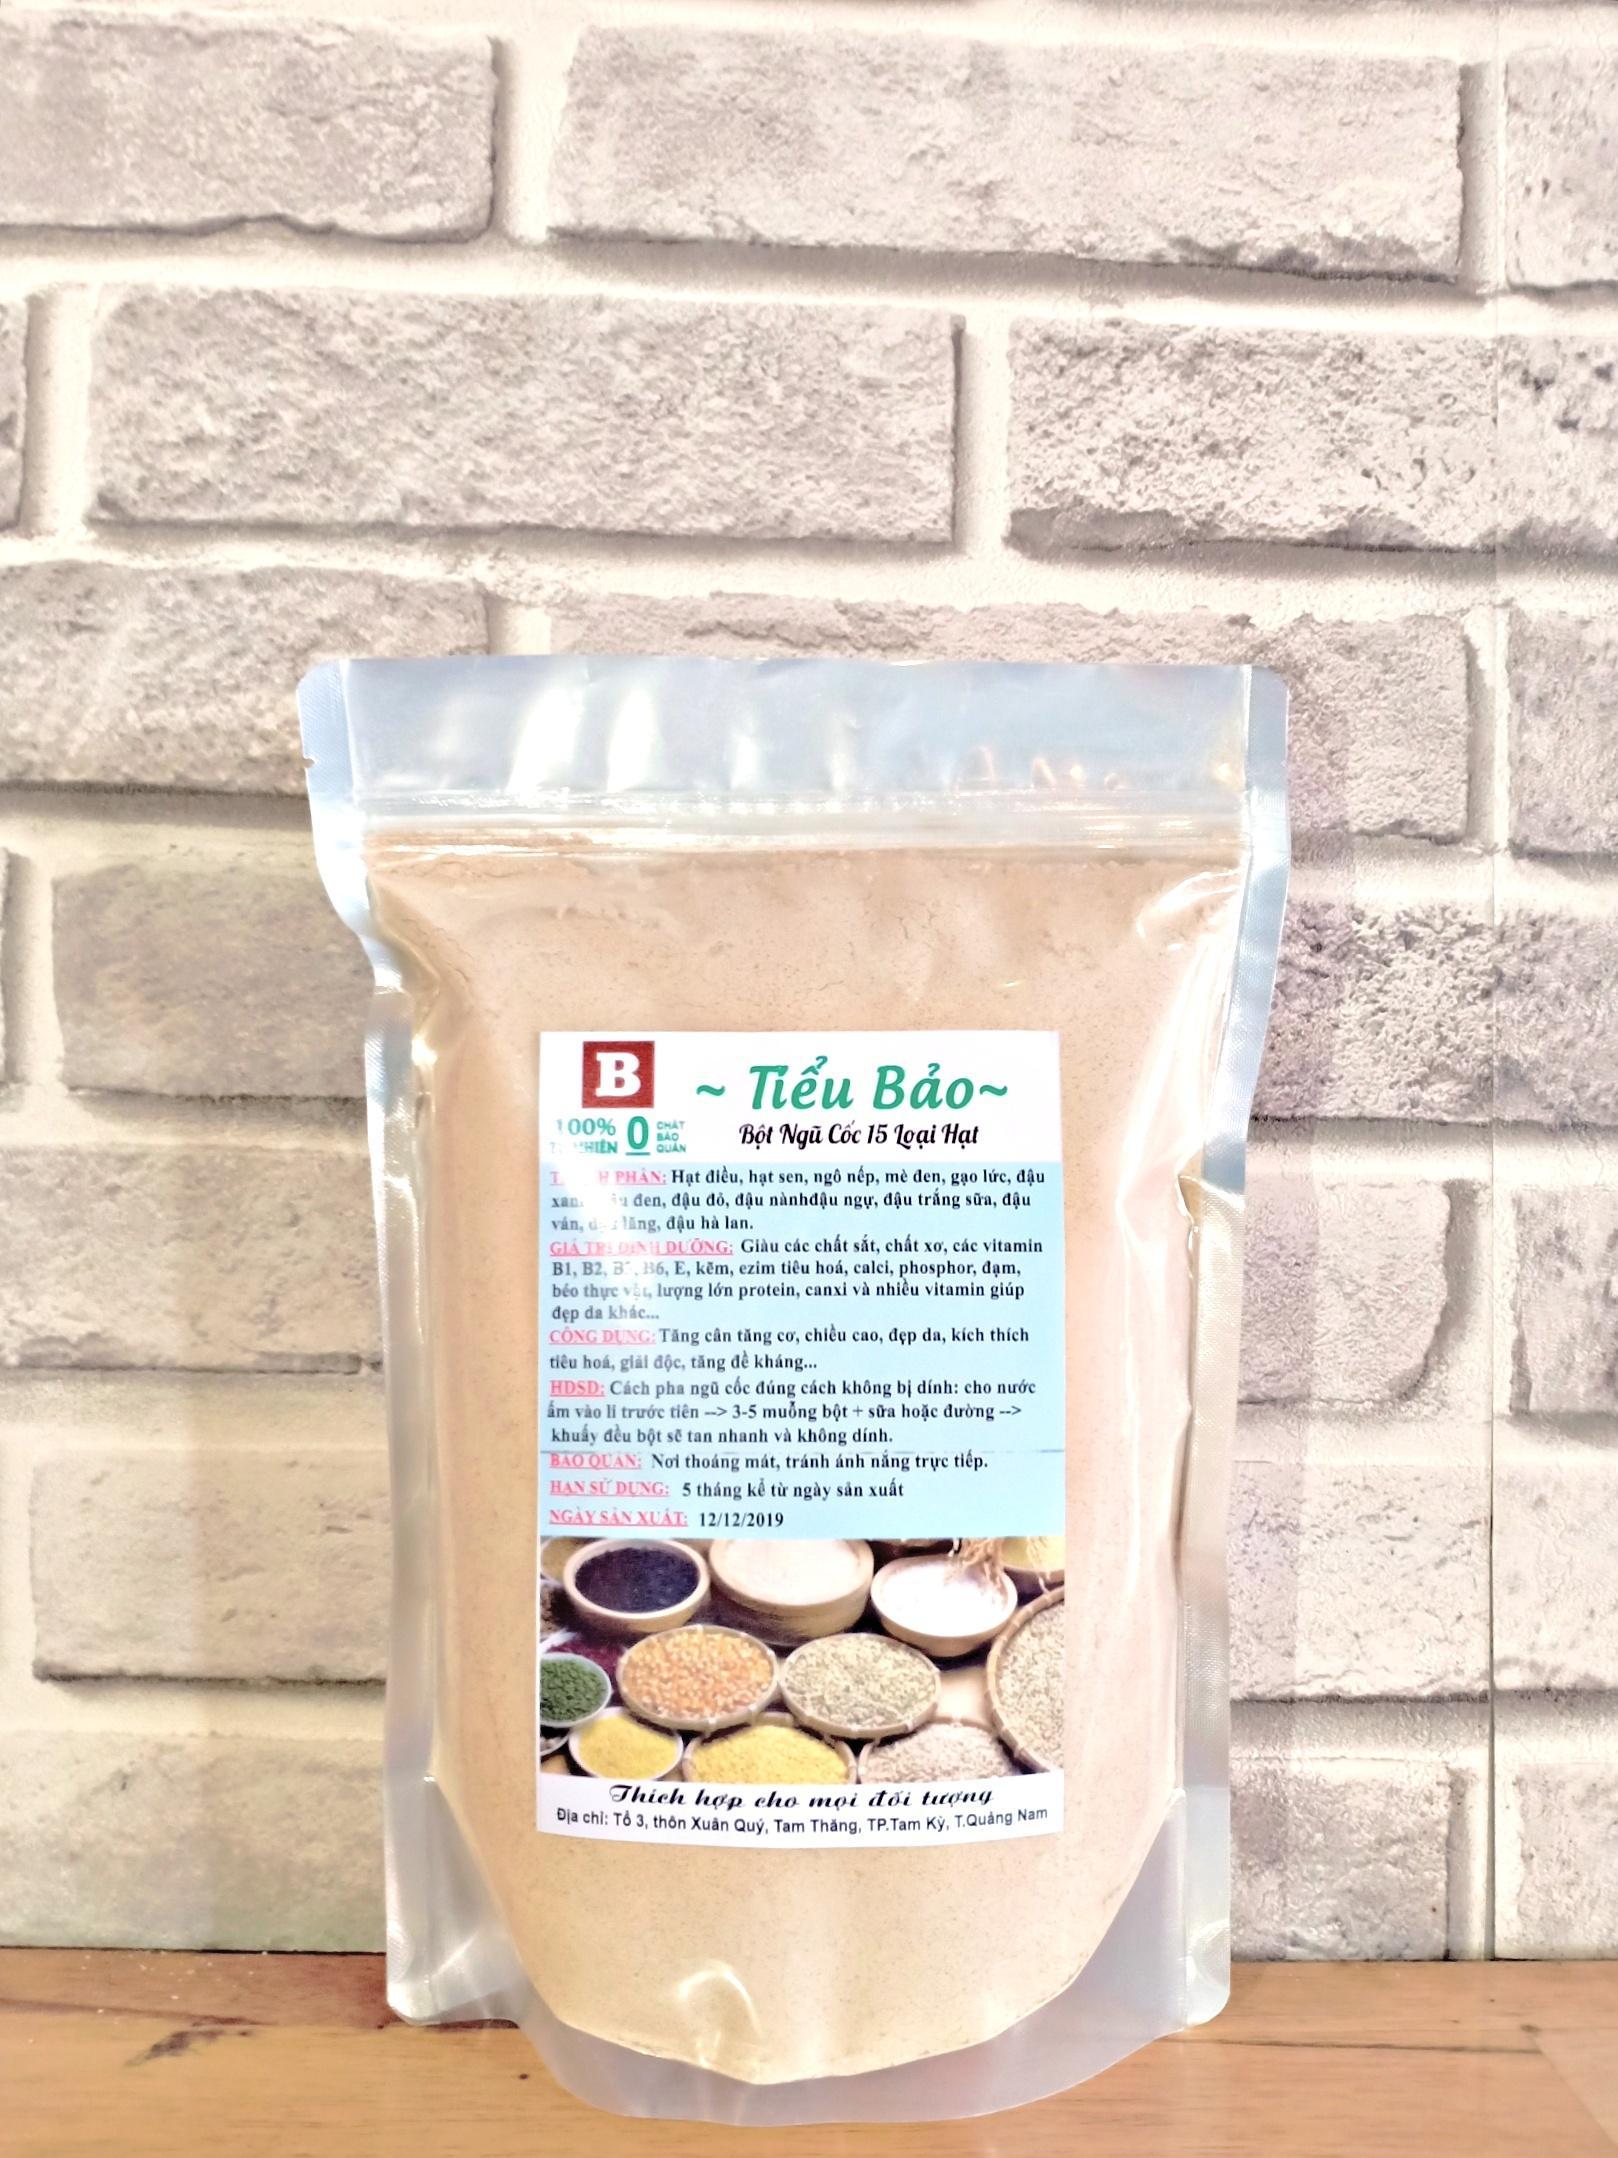 [Giá Xưởng] 0,5KG Bột ngũ cốc 15 loại hạt,tăng cân,chiều cao,đề kháng,hạt điều,hạt sen bắc,mè đen,gạo lức...